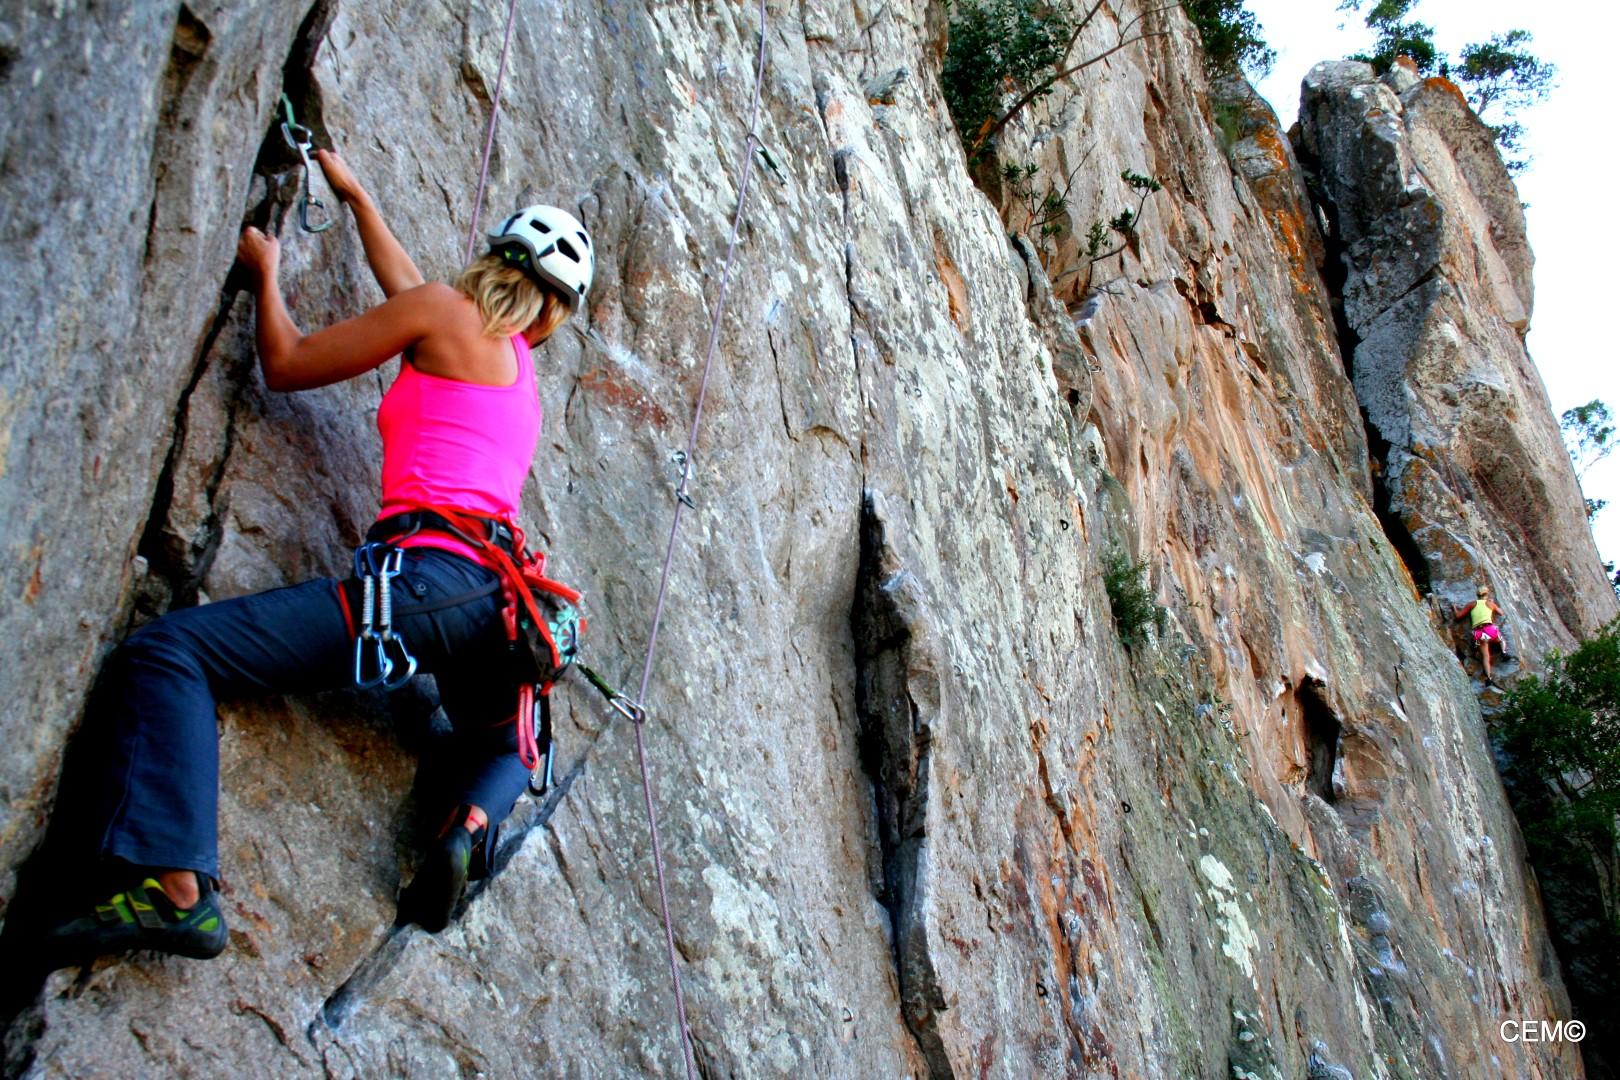 actividad-cem-escalada-deportiva-san-bartolo-tarifa-2016-07